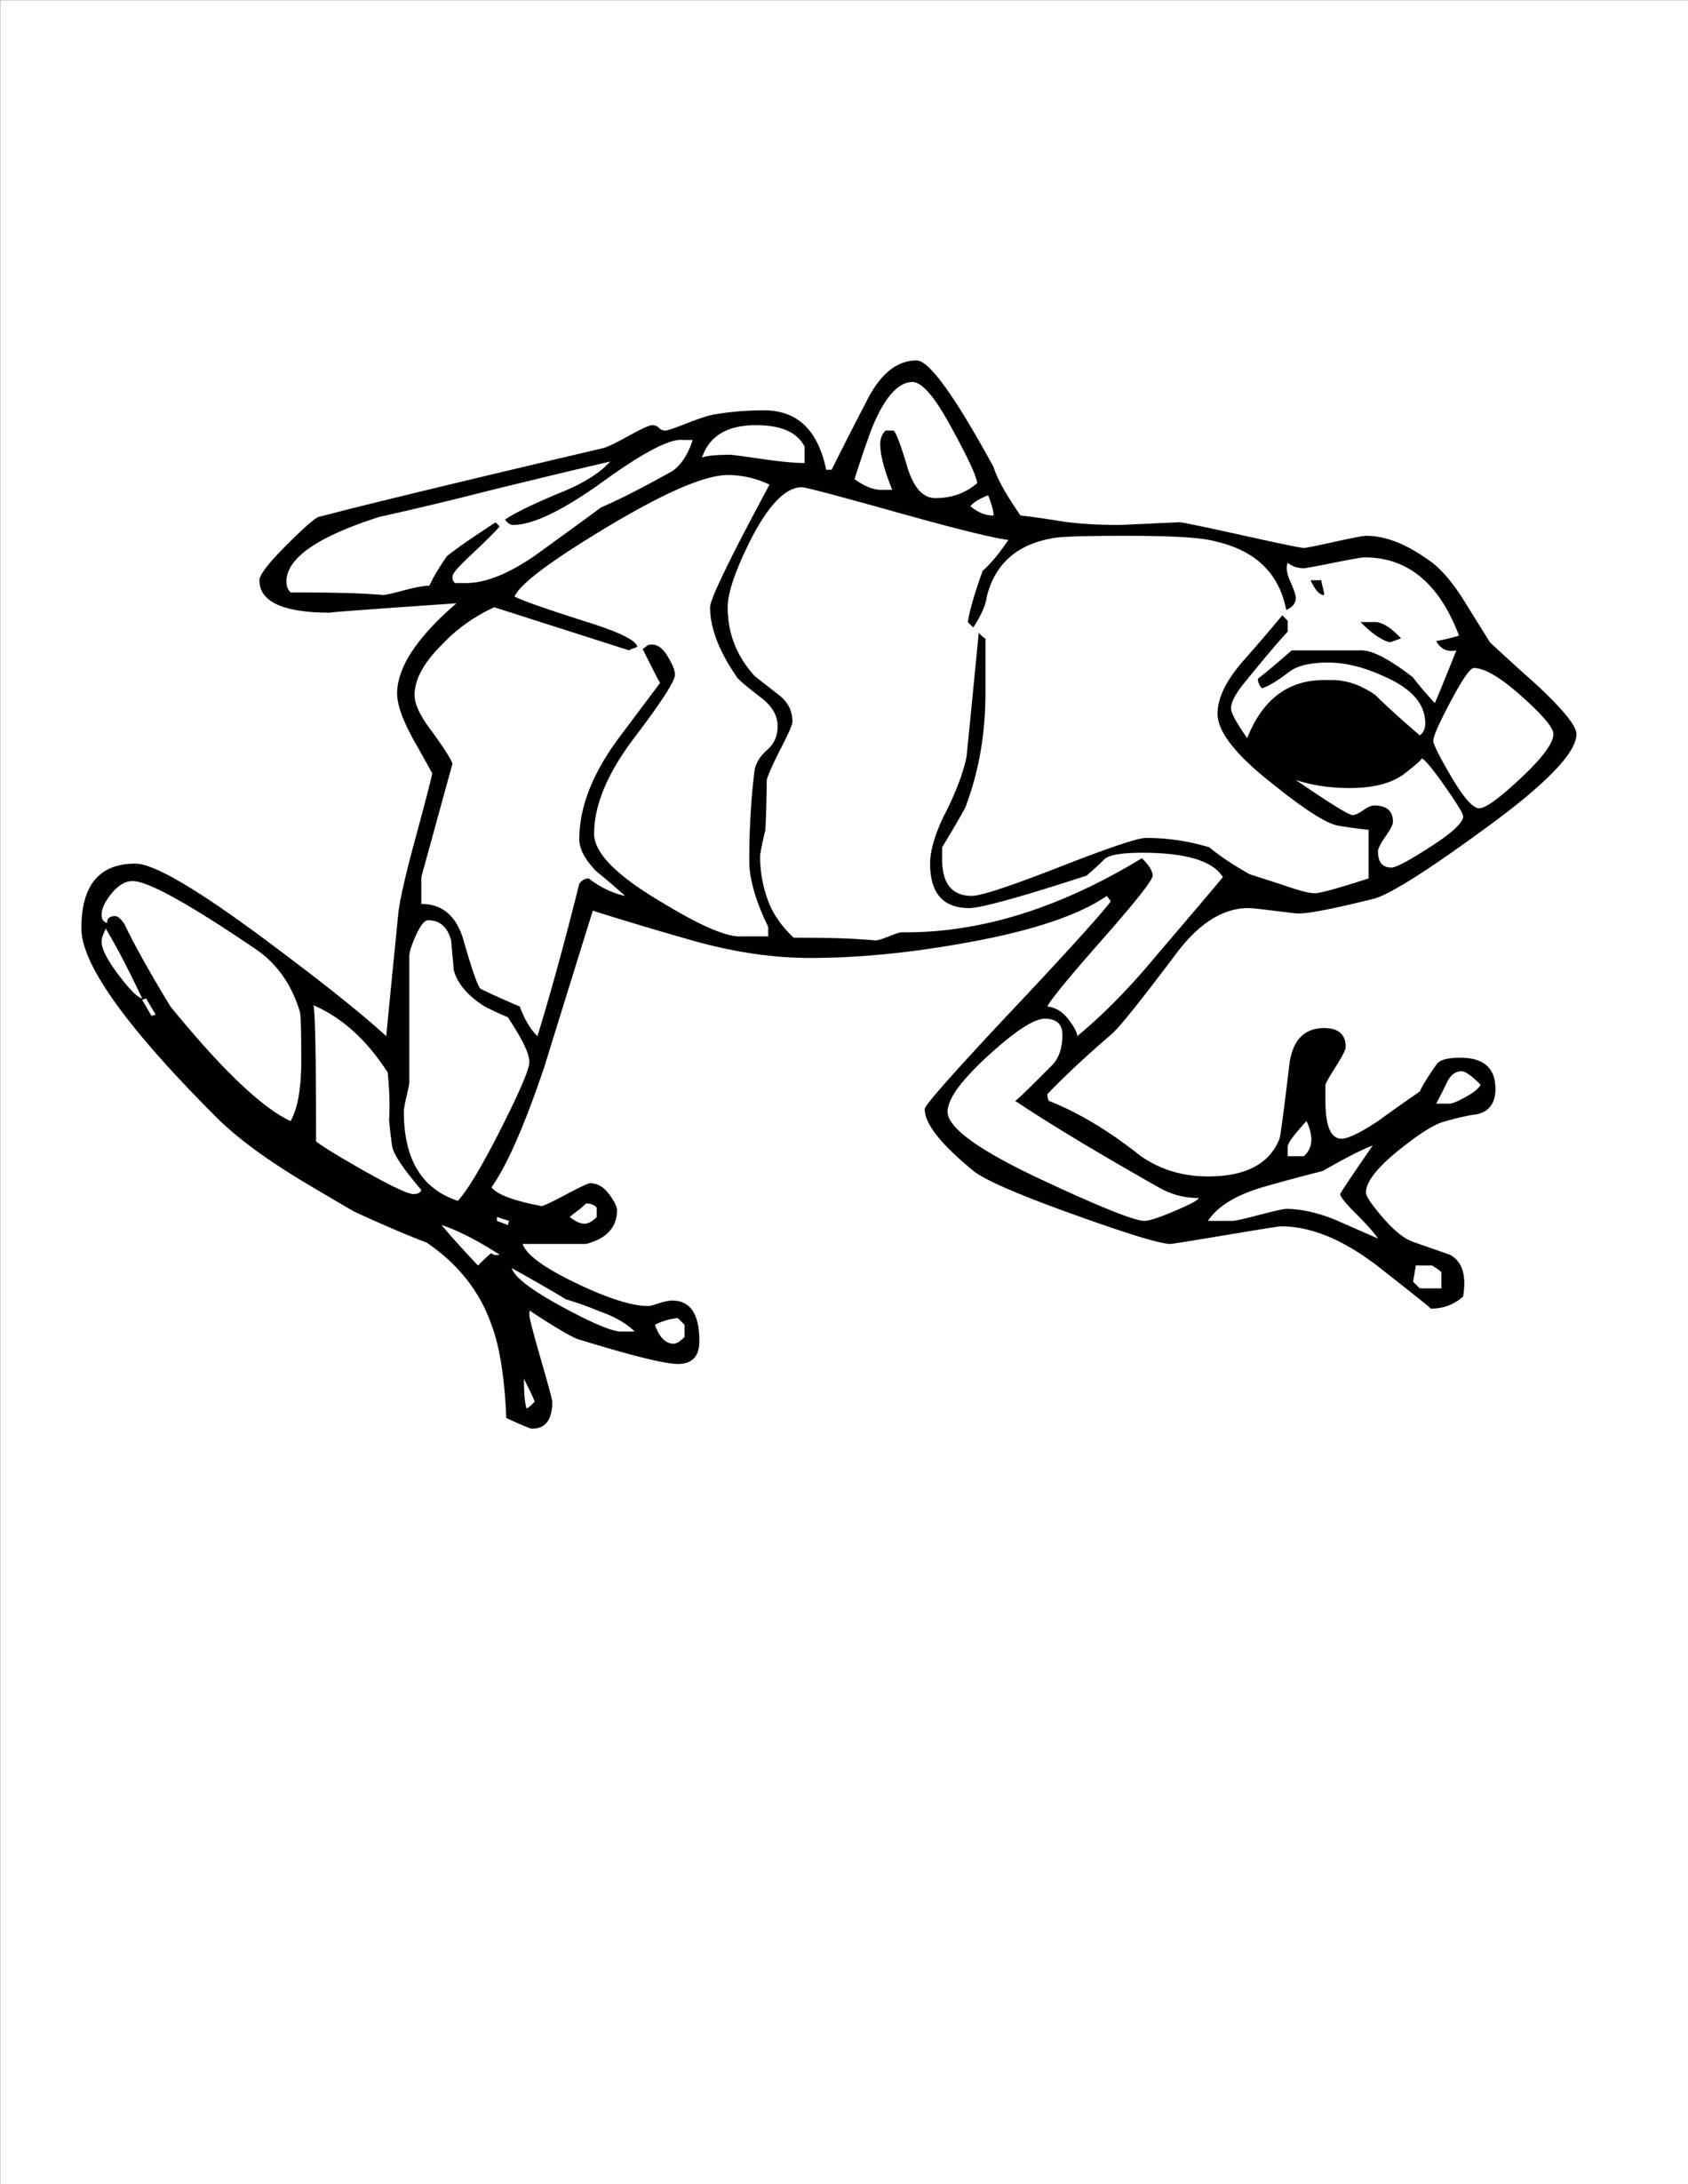 Jumping Frog Drawing